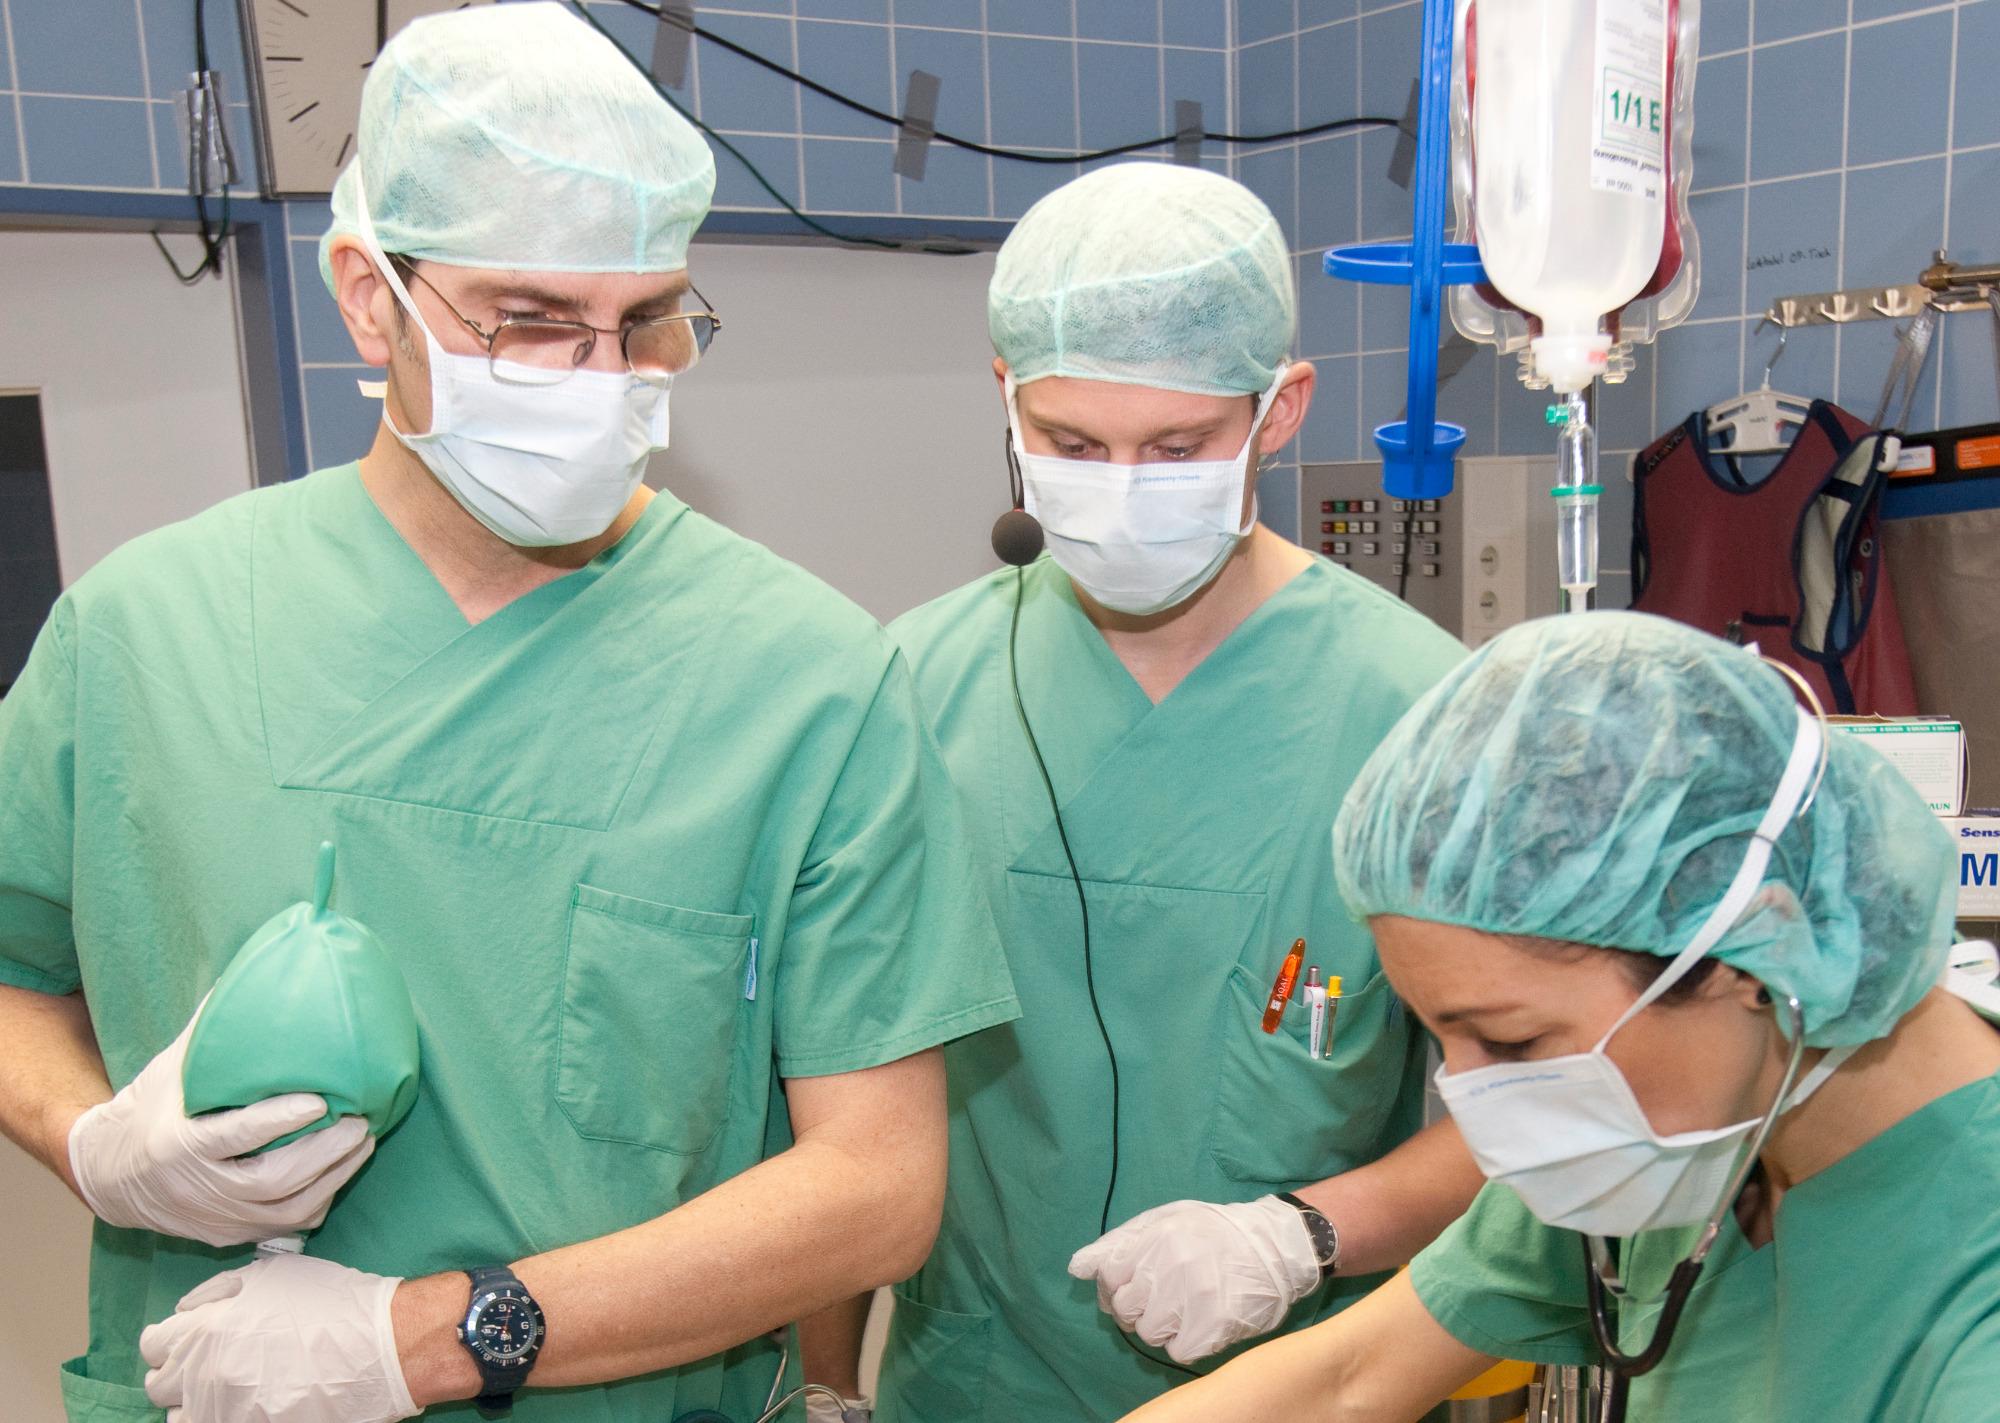 Klinik für Anästhesiologie, operative Intensivmedizin und ...